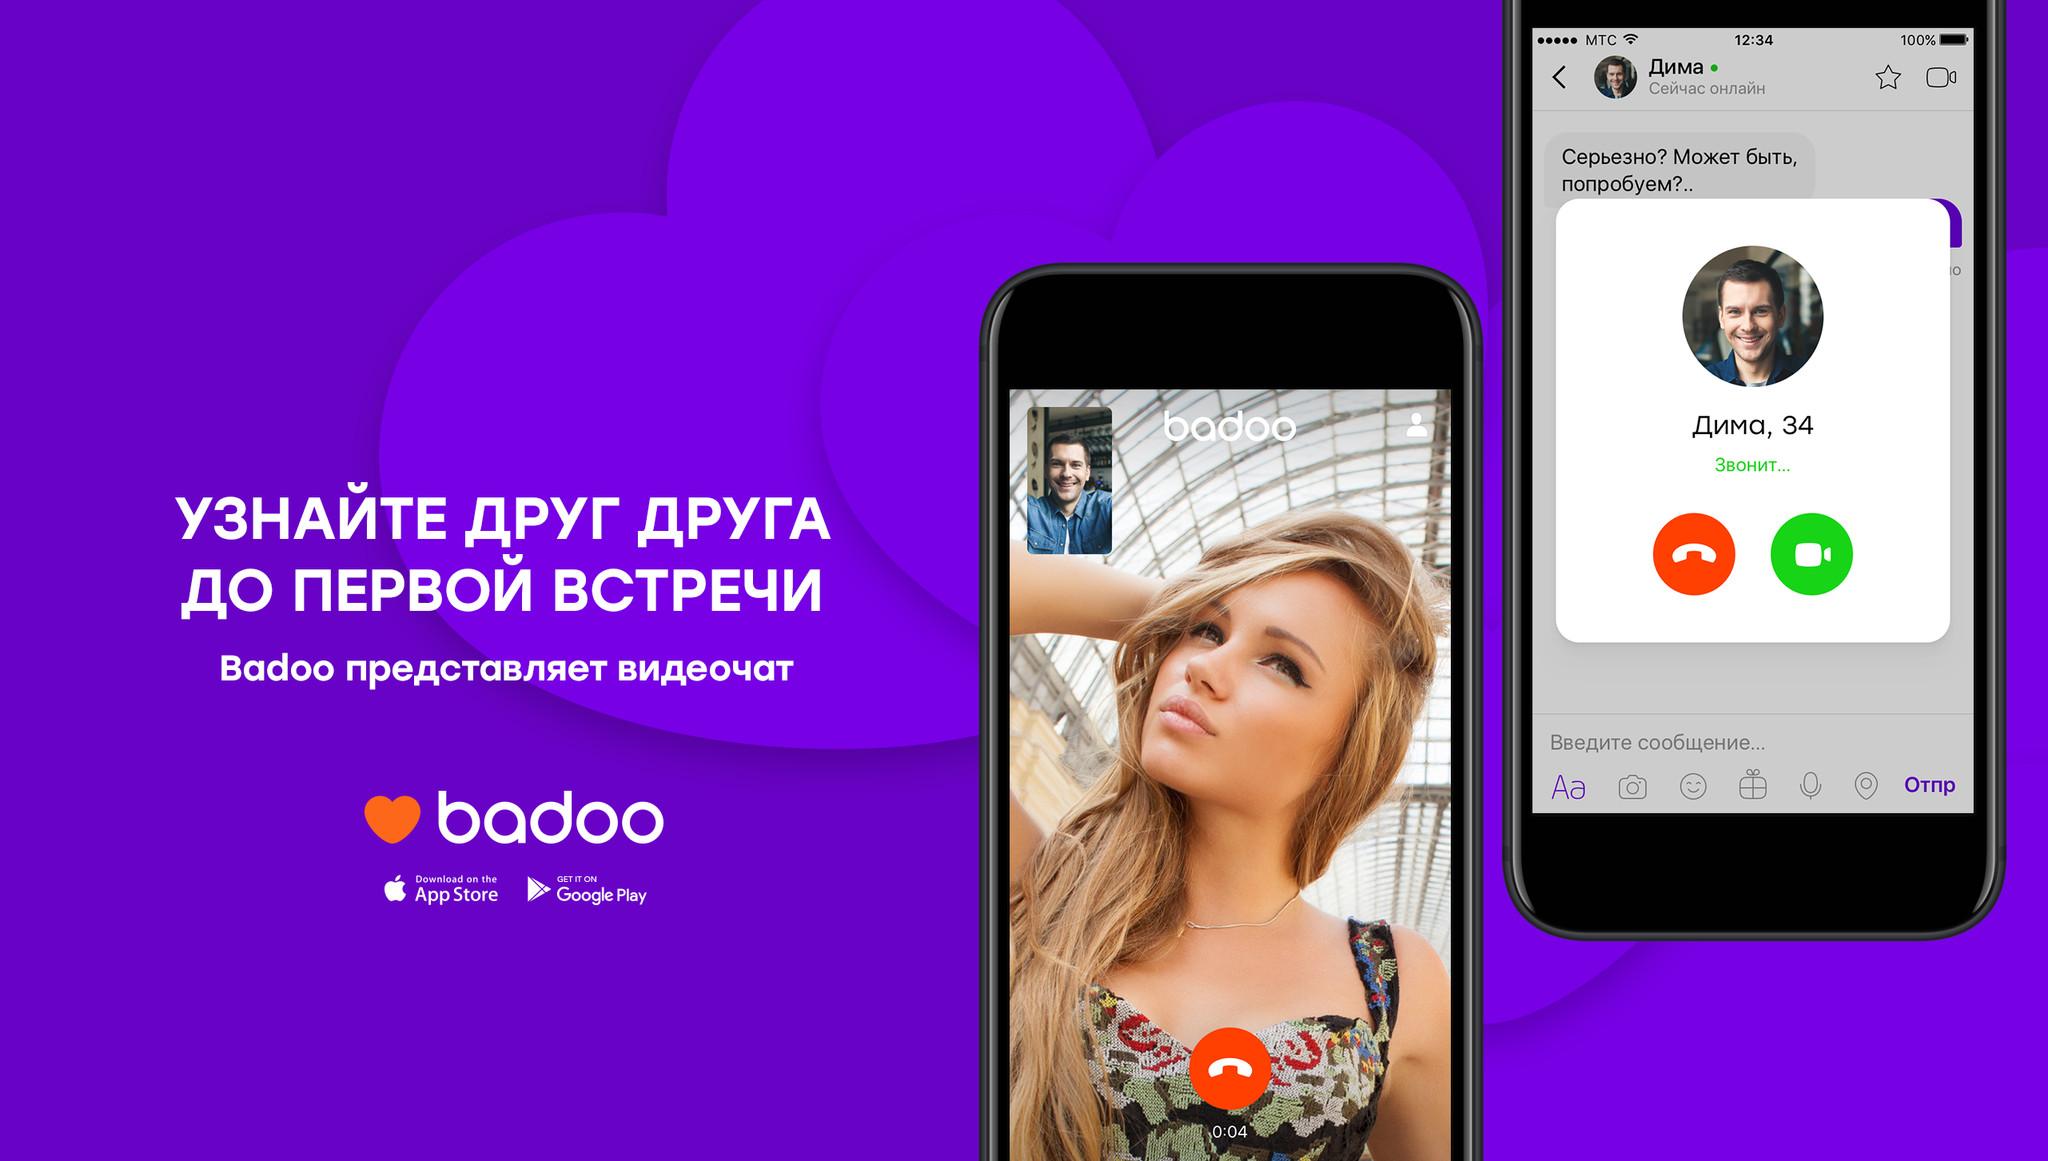 обзор сервиса badoo